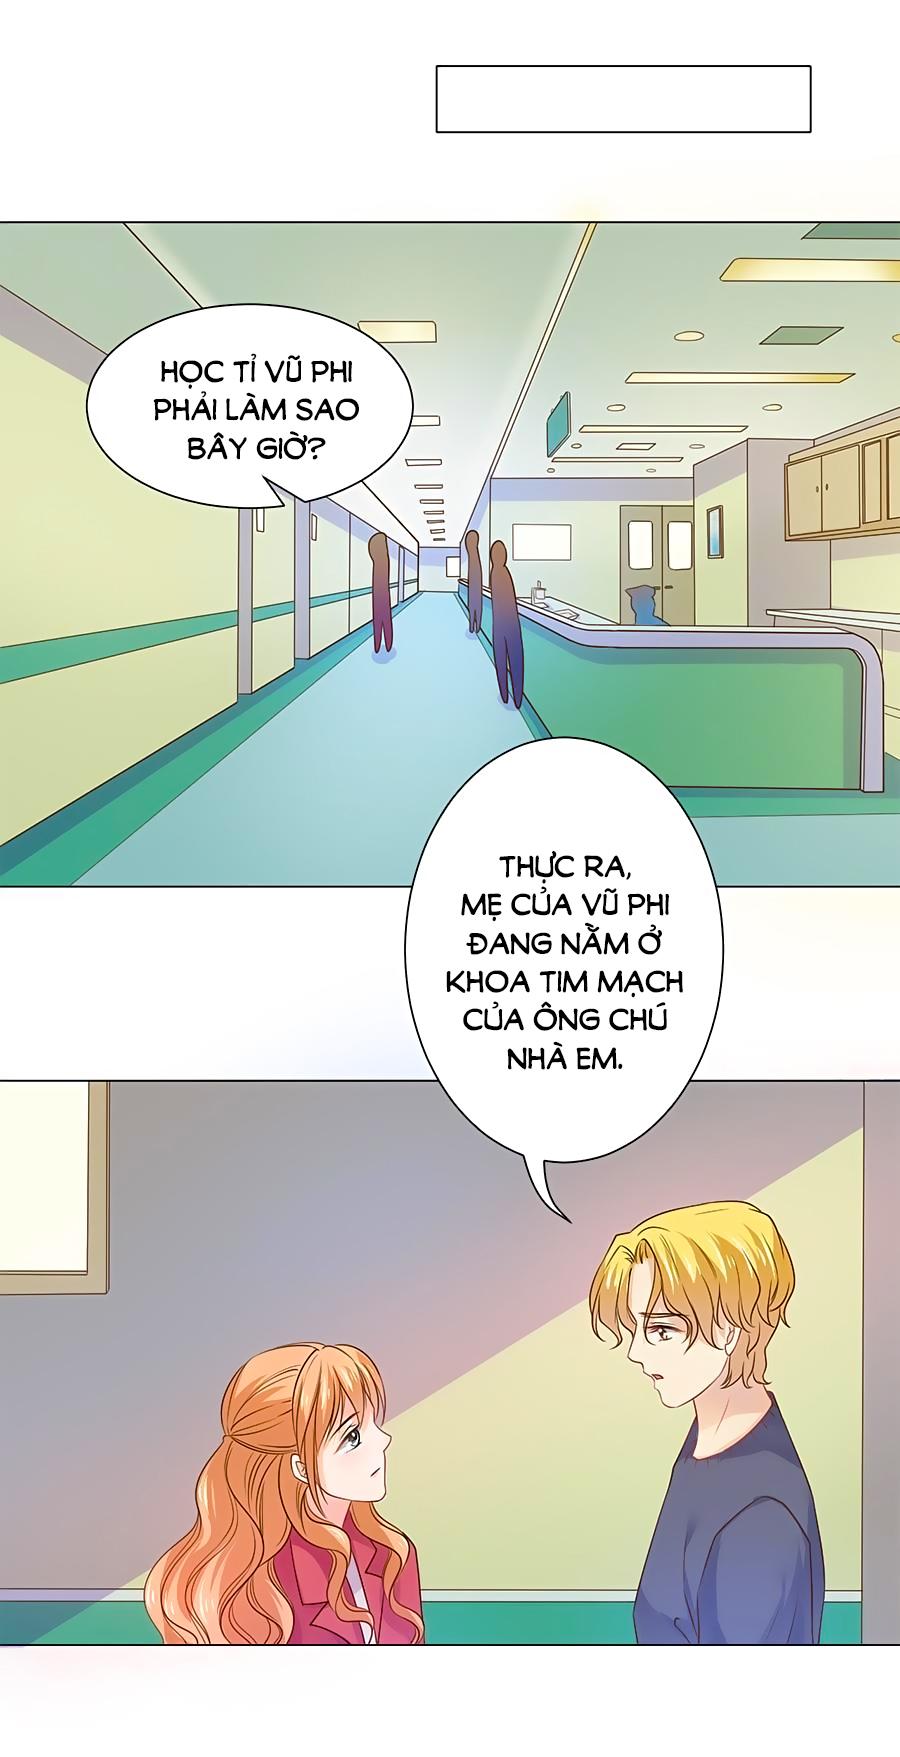 Bác Sĩ Sở Cũng Muốn Yêu_chap 89